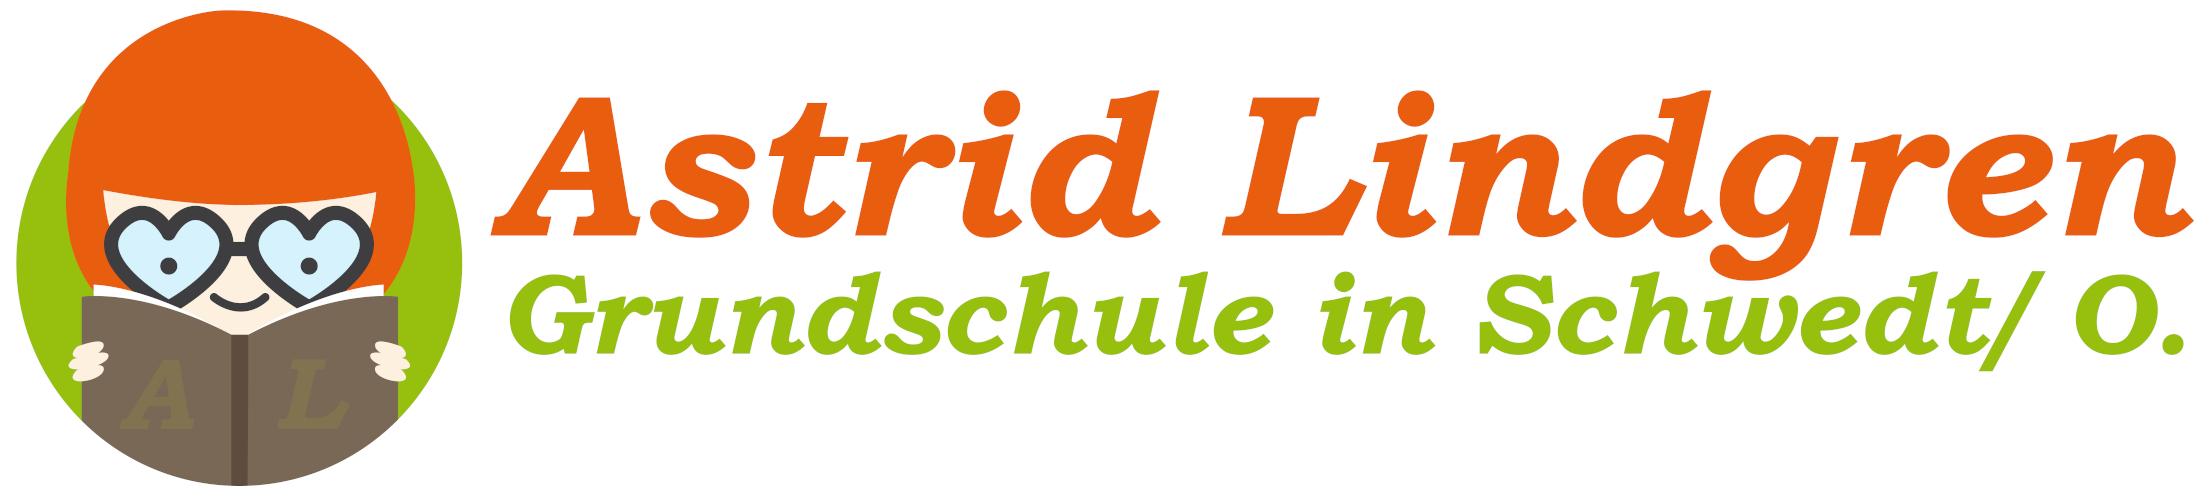 Logo_Astrid_Lindgren_Vorschlag_klein